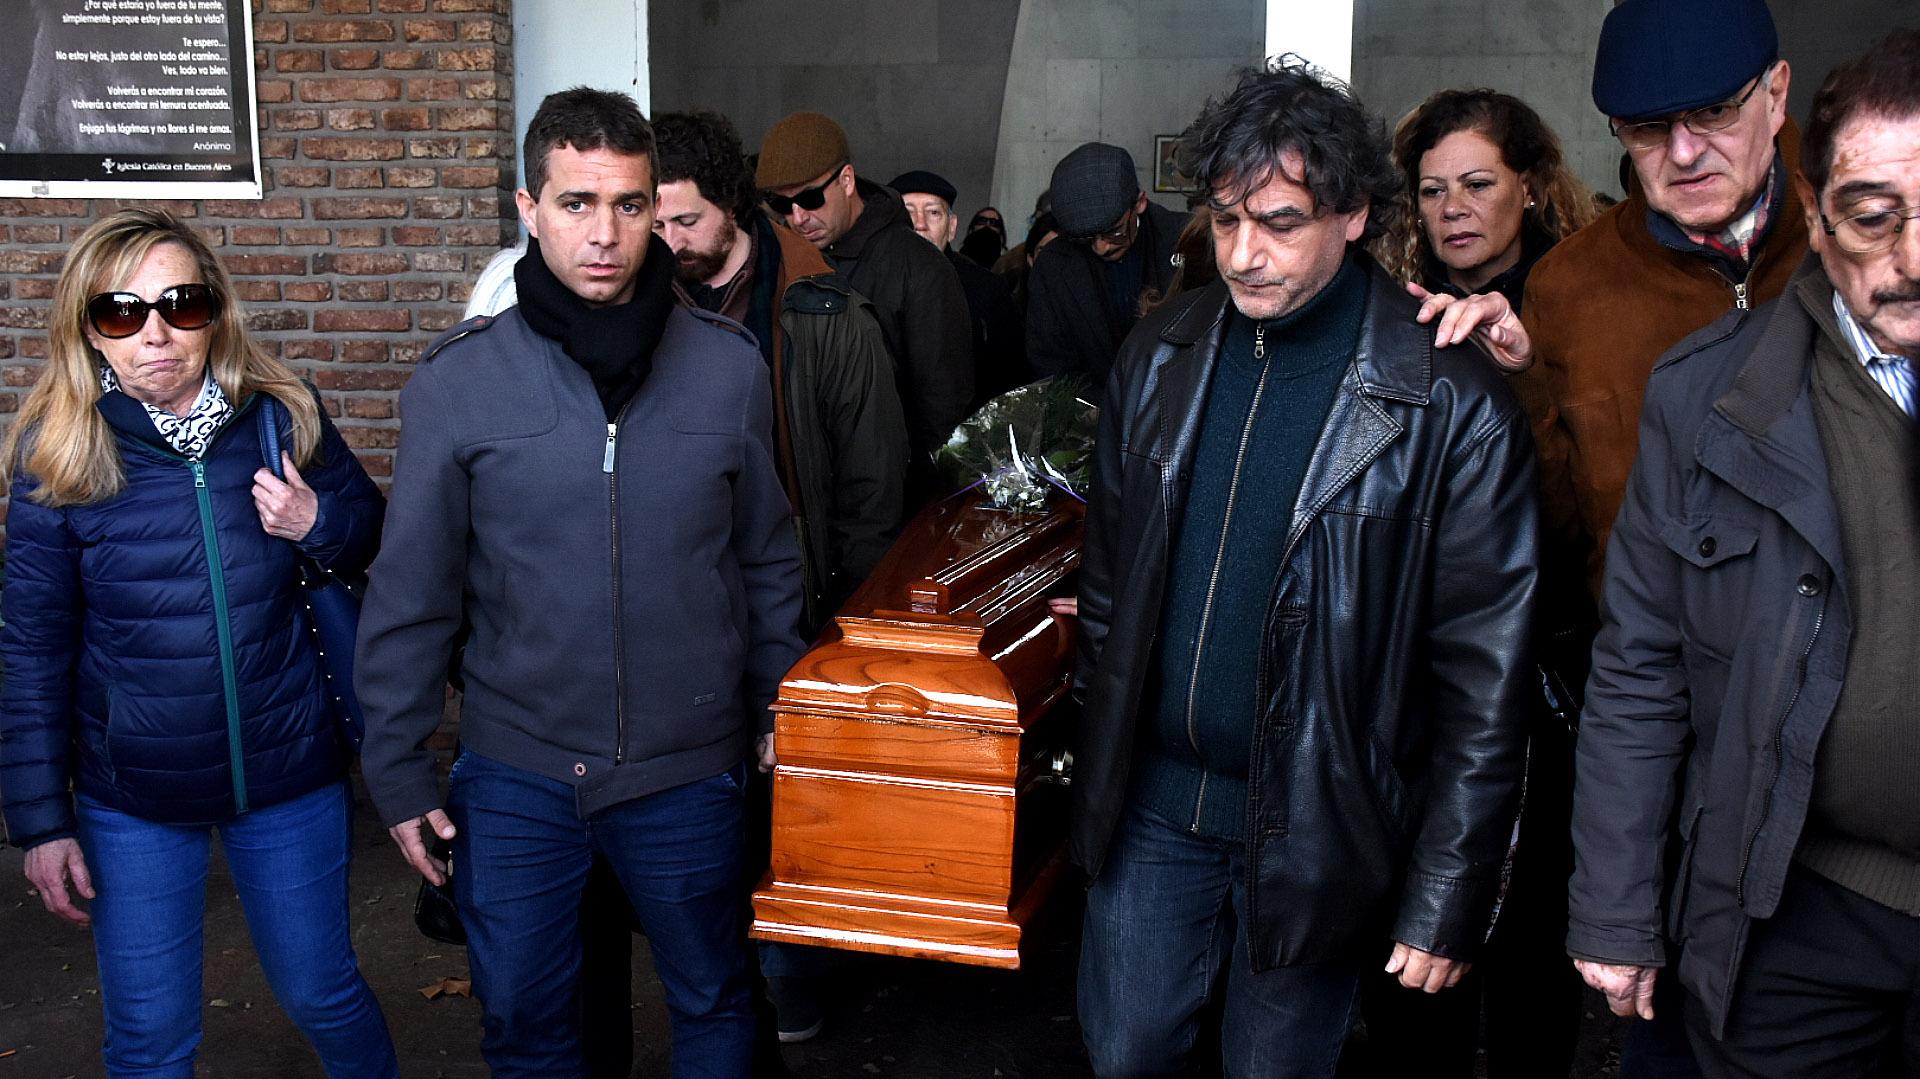 Amigos y familiares del cineasta le dieron el último adiós en el entierro